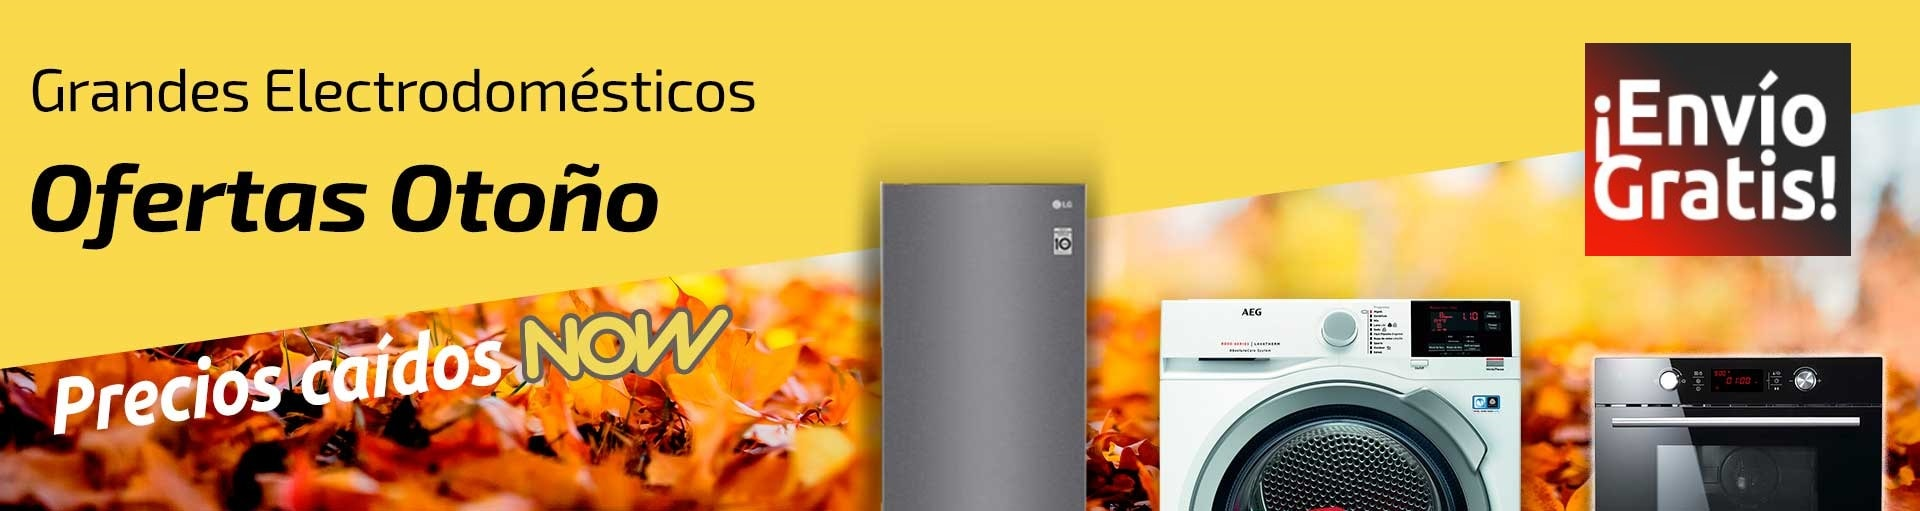 comprar electrodomesticos baratos online